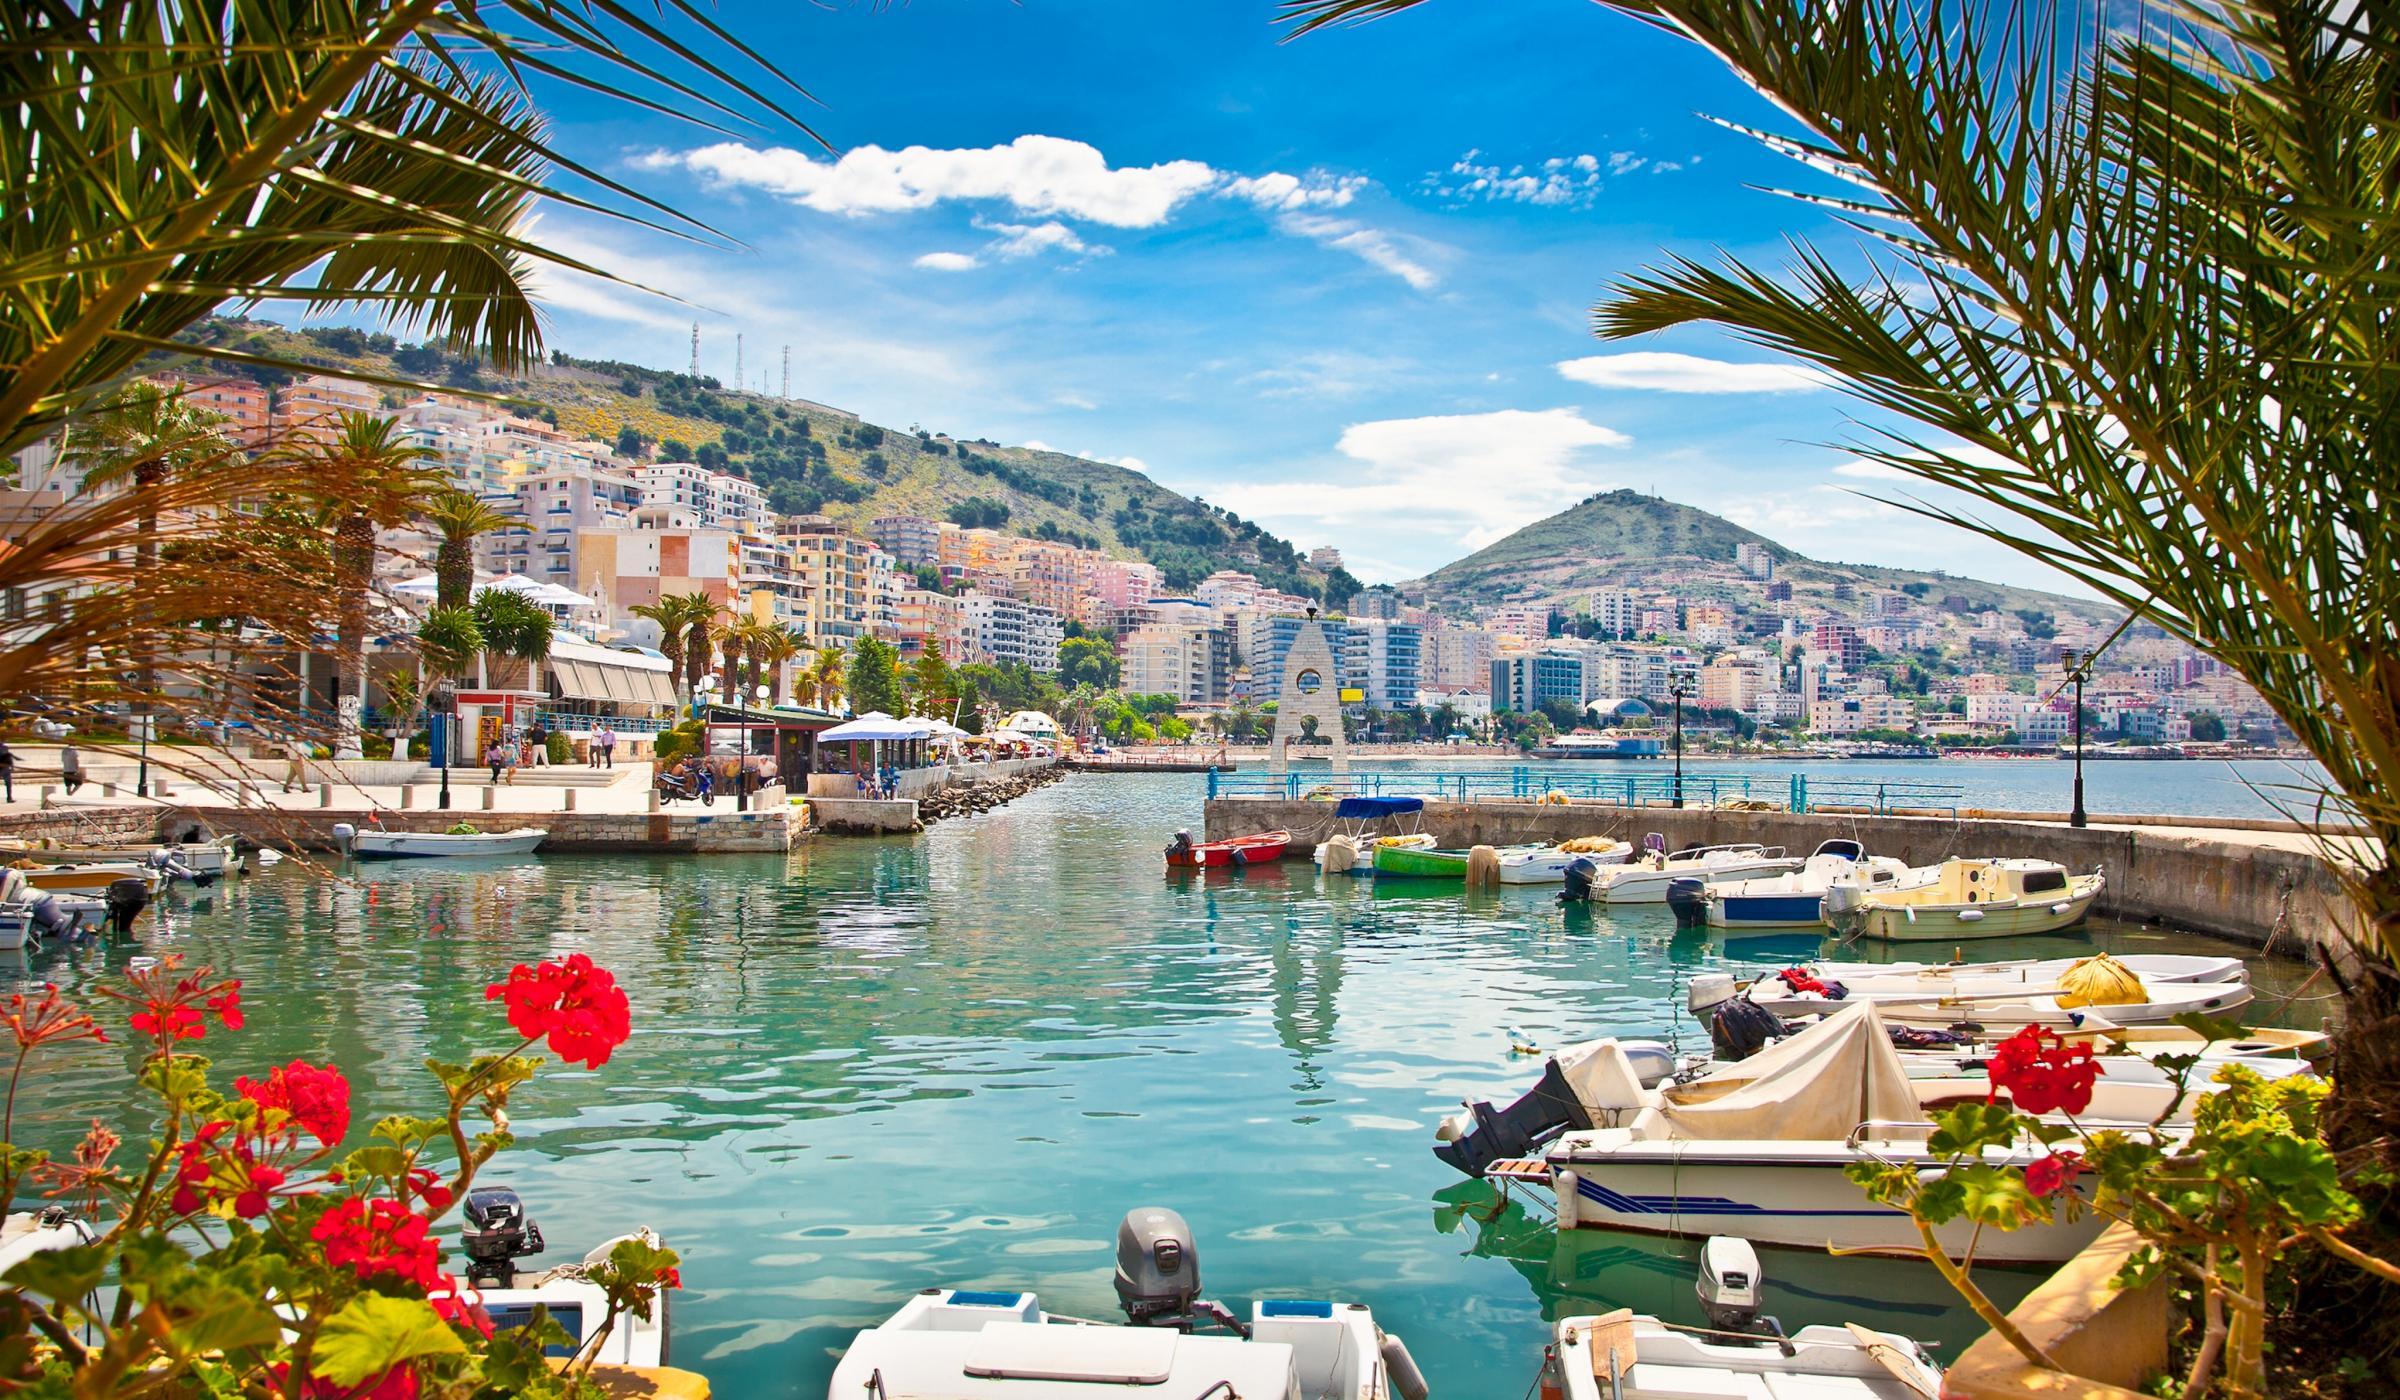 Shqipëria në destinacionet më të mira turistike 2019